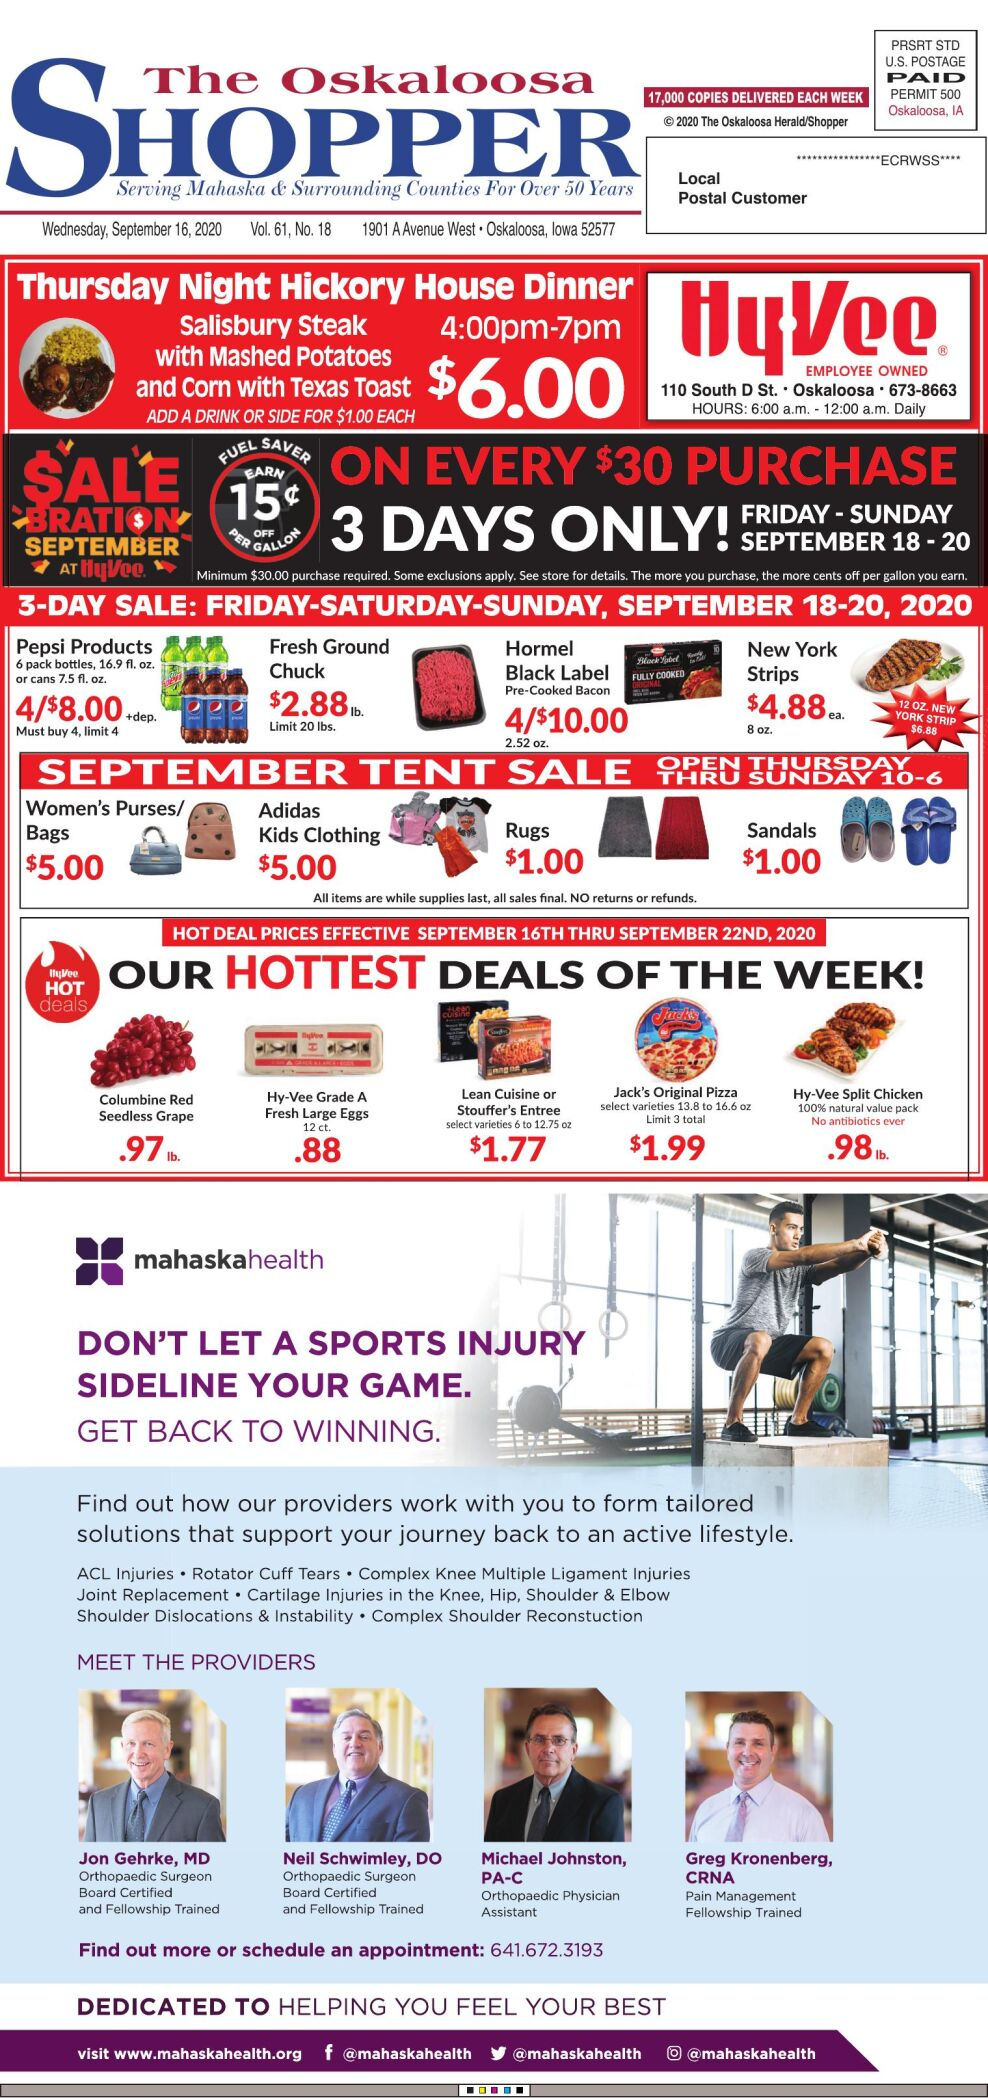 Oskaloosa Shopper week of 9/16/20